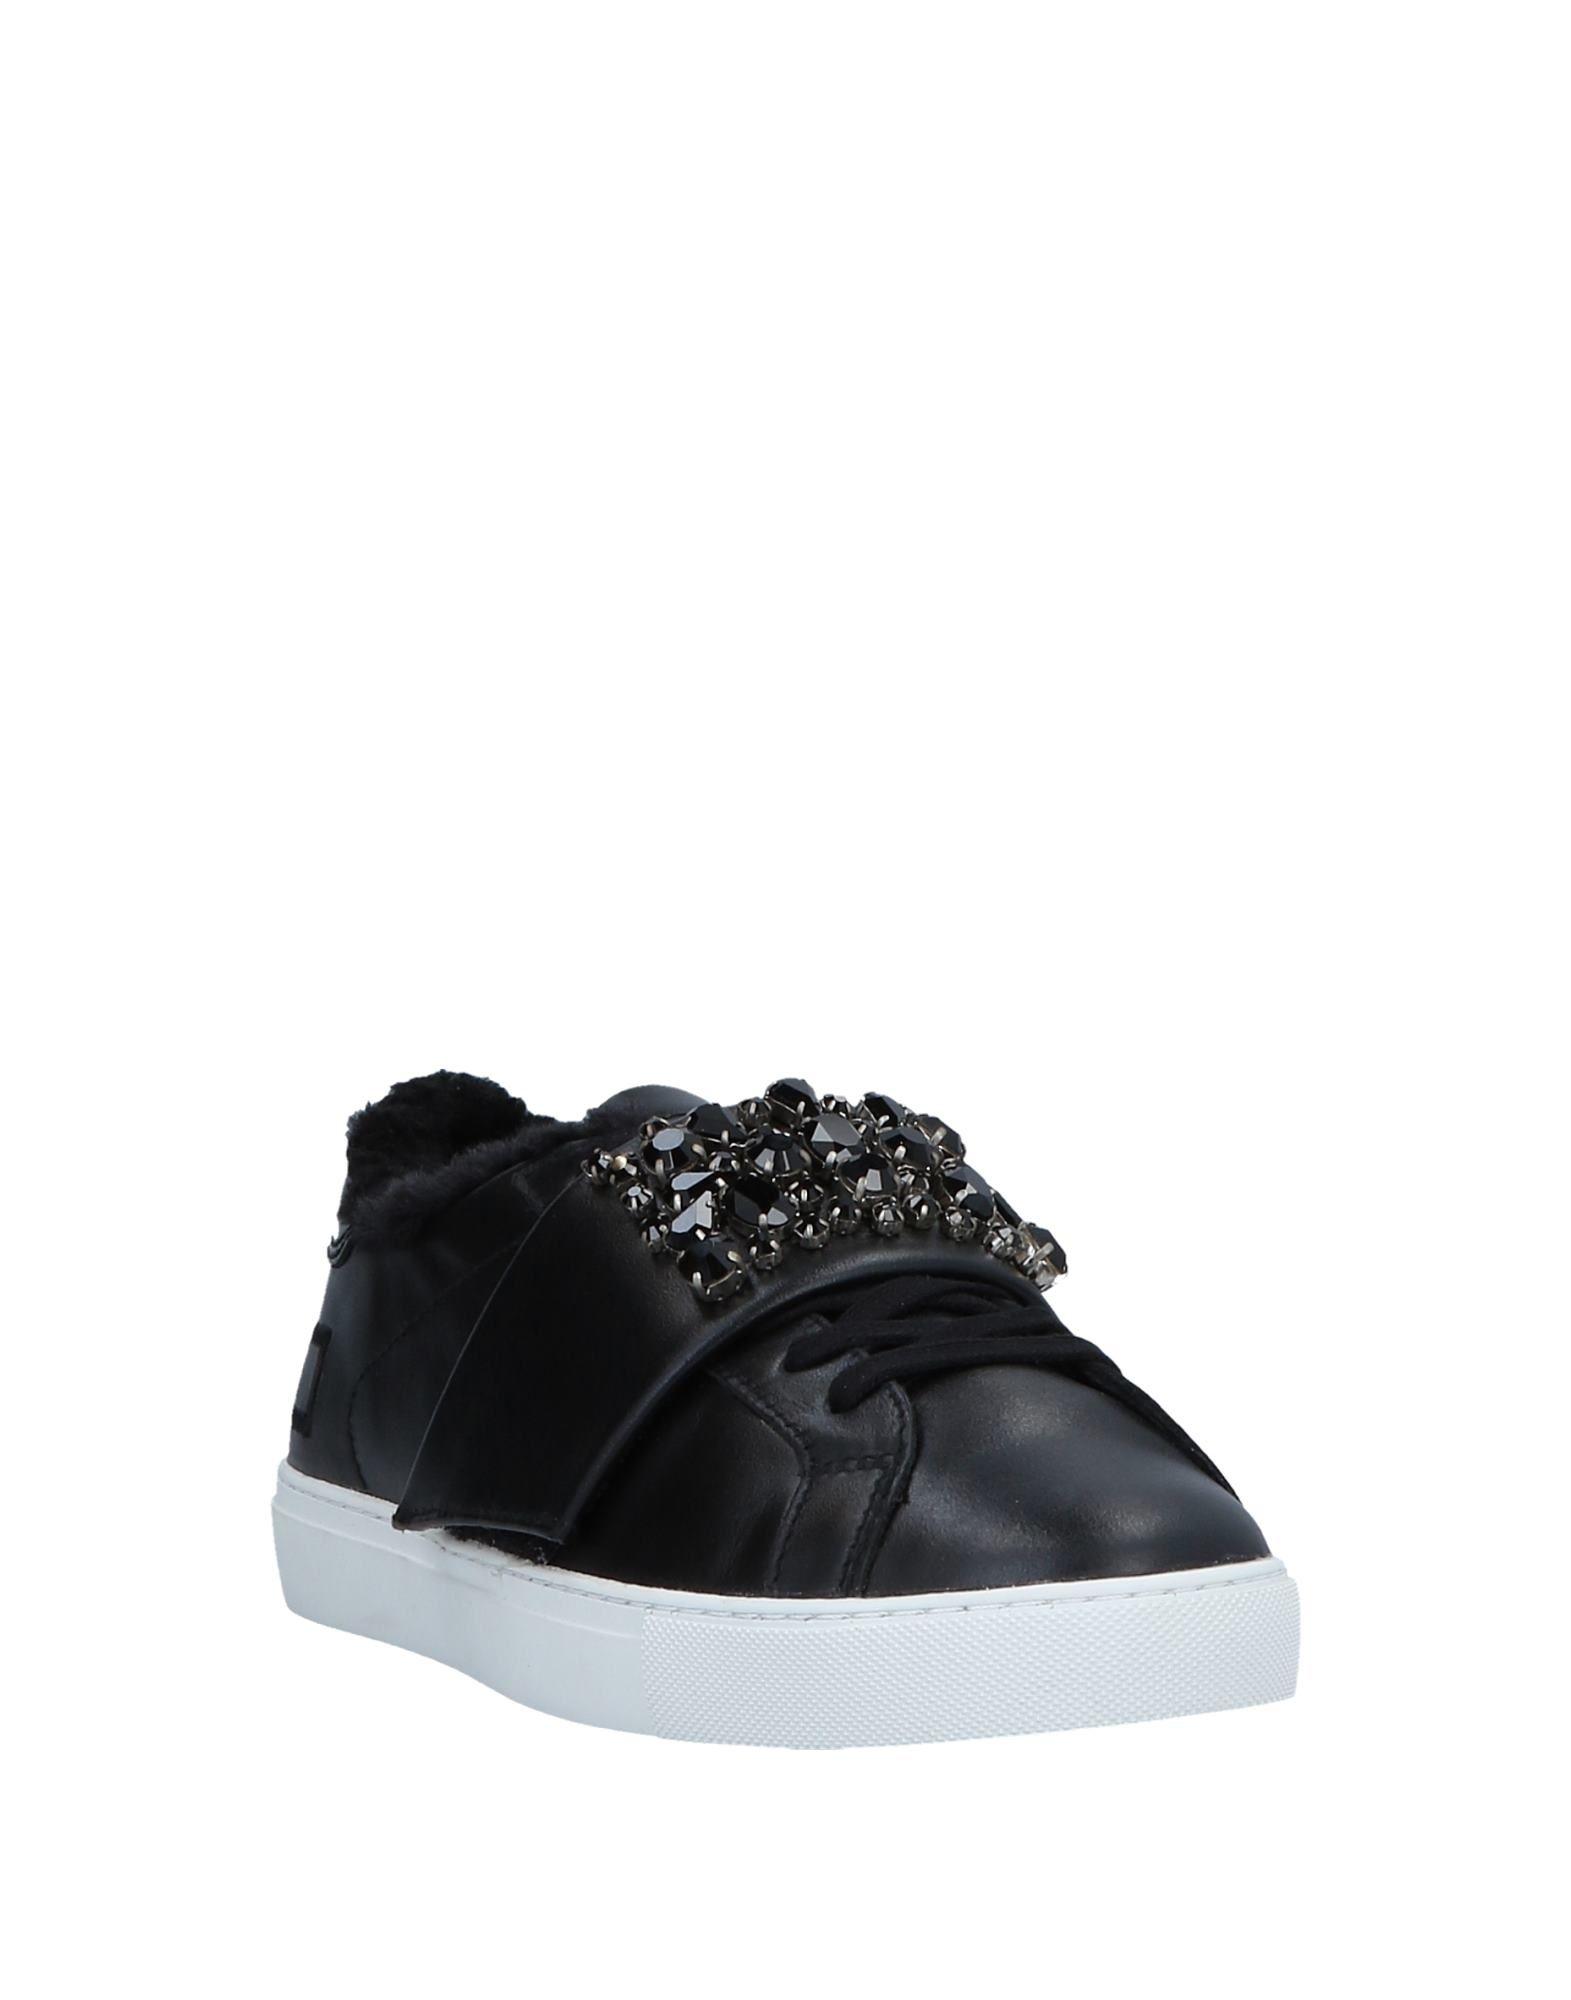 Stilvolle billige Schuhe Damen D.A.T.E. Sneakers Damen Schuhe  11518427LE e7a34b